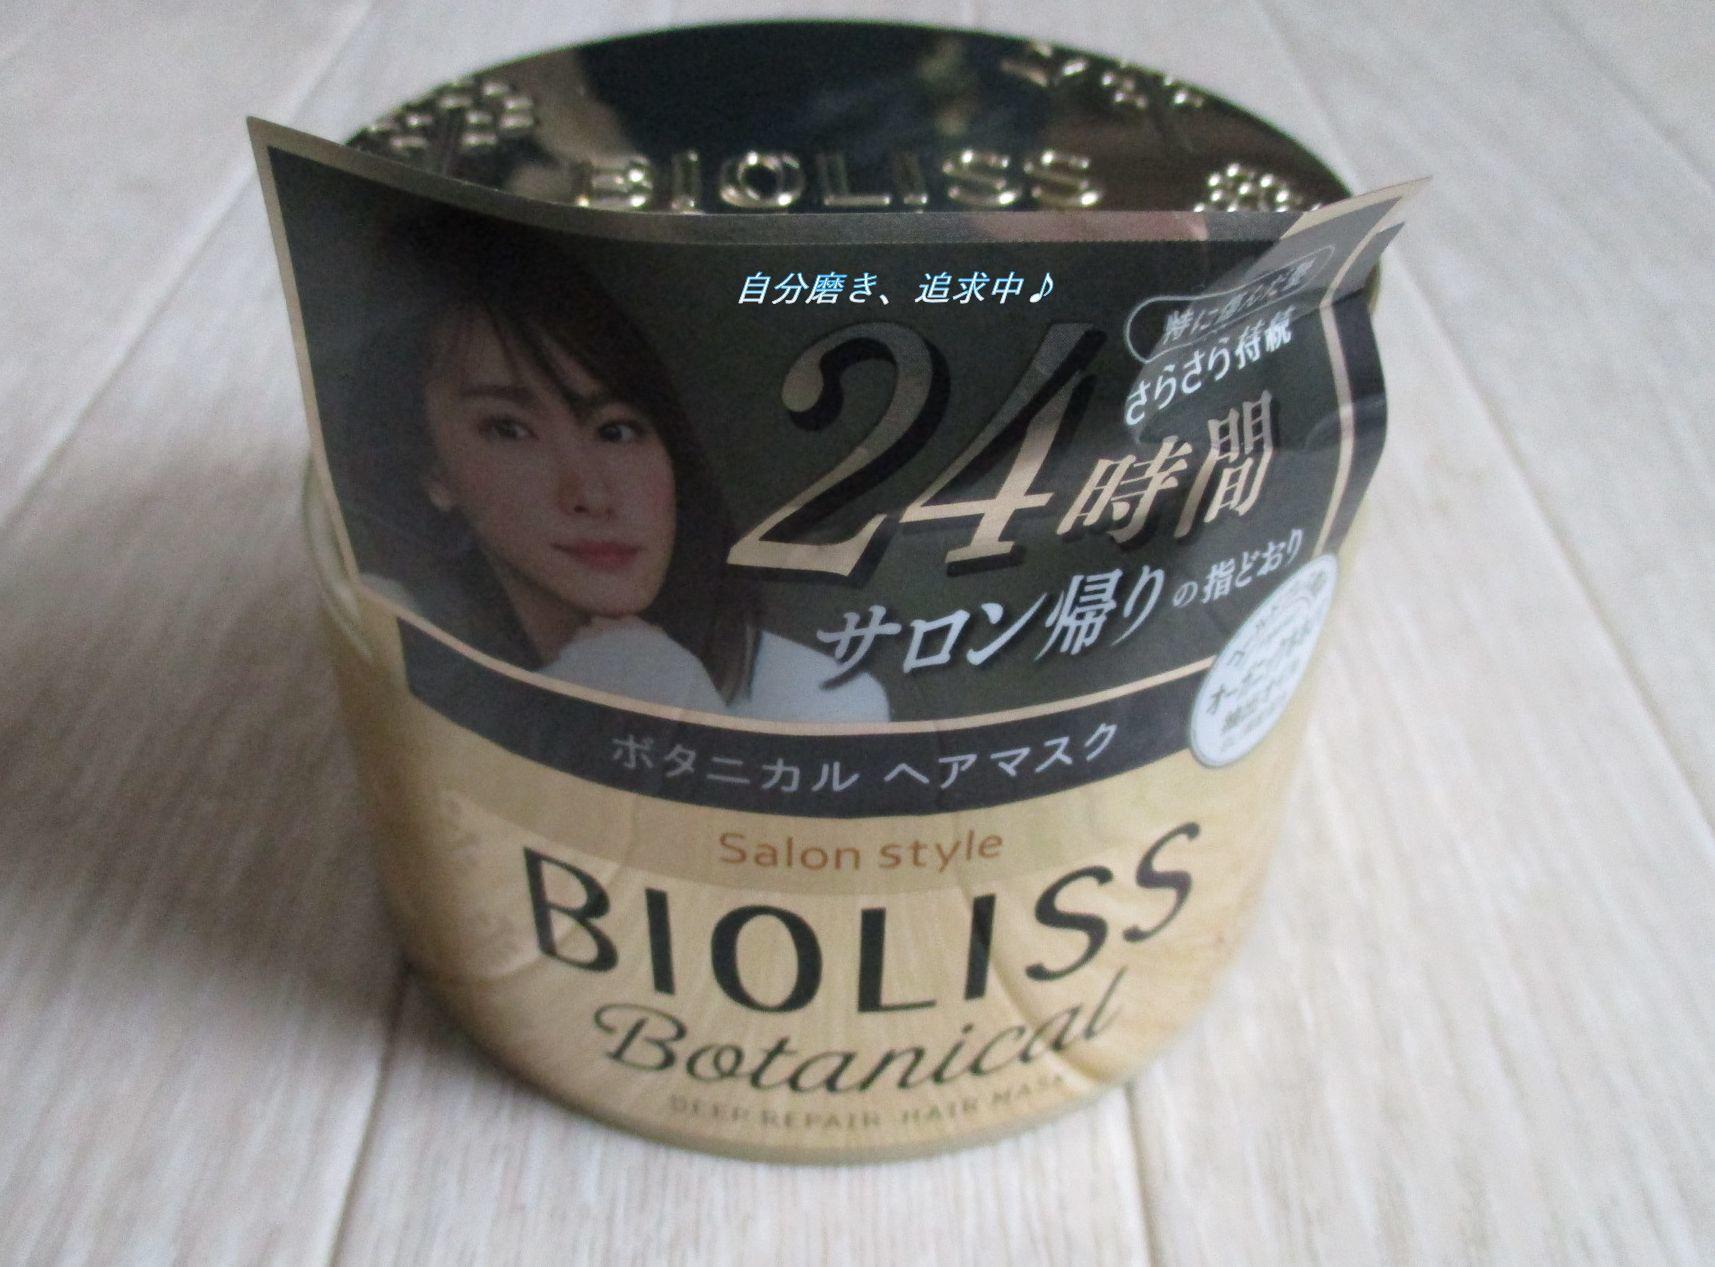 biolissb.jpg